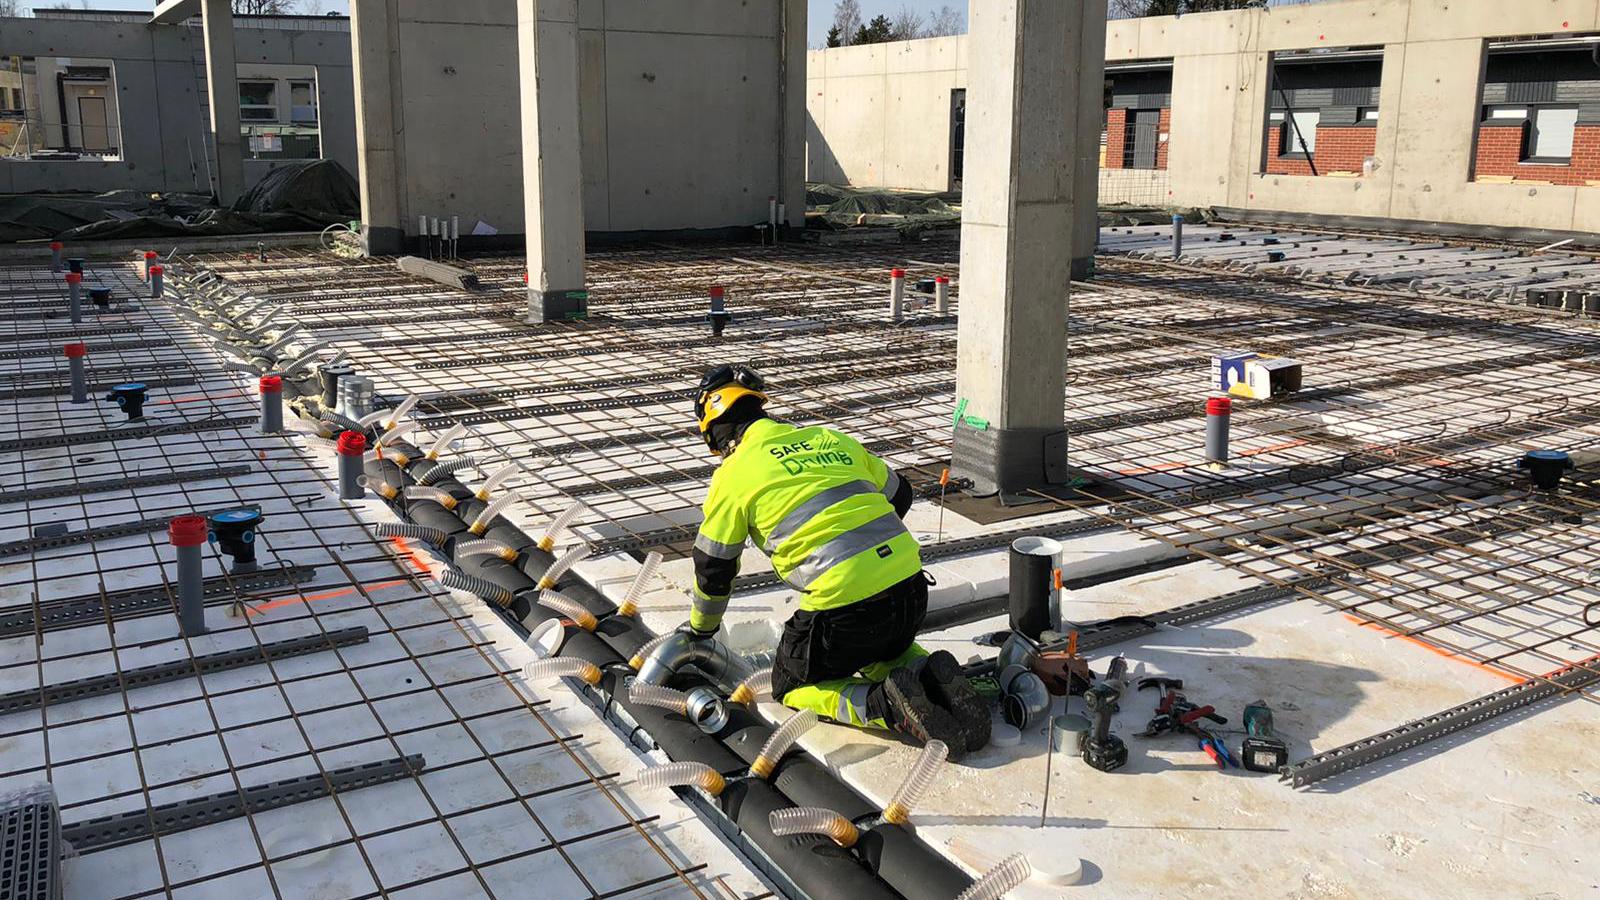 SafeDrying-menetelmä mahdollistaa alapohjan kuivattamisen myös lattiapinnoitteen asentamisen jälkeenkin. Normaalisti rakenteiden kuivuminen loppuu lattioiden pinnoitukseen. Kuvassa asennetaan parhaillaan kosteudenkeruukanavistoa.